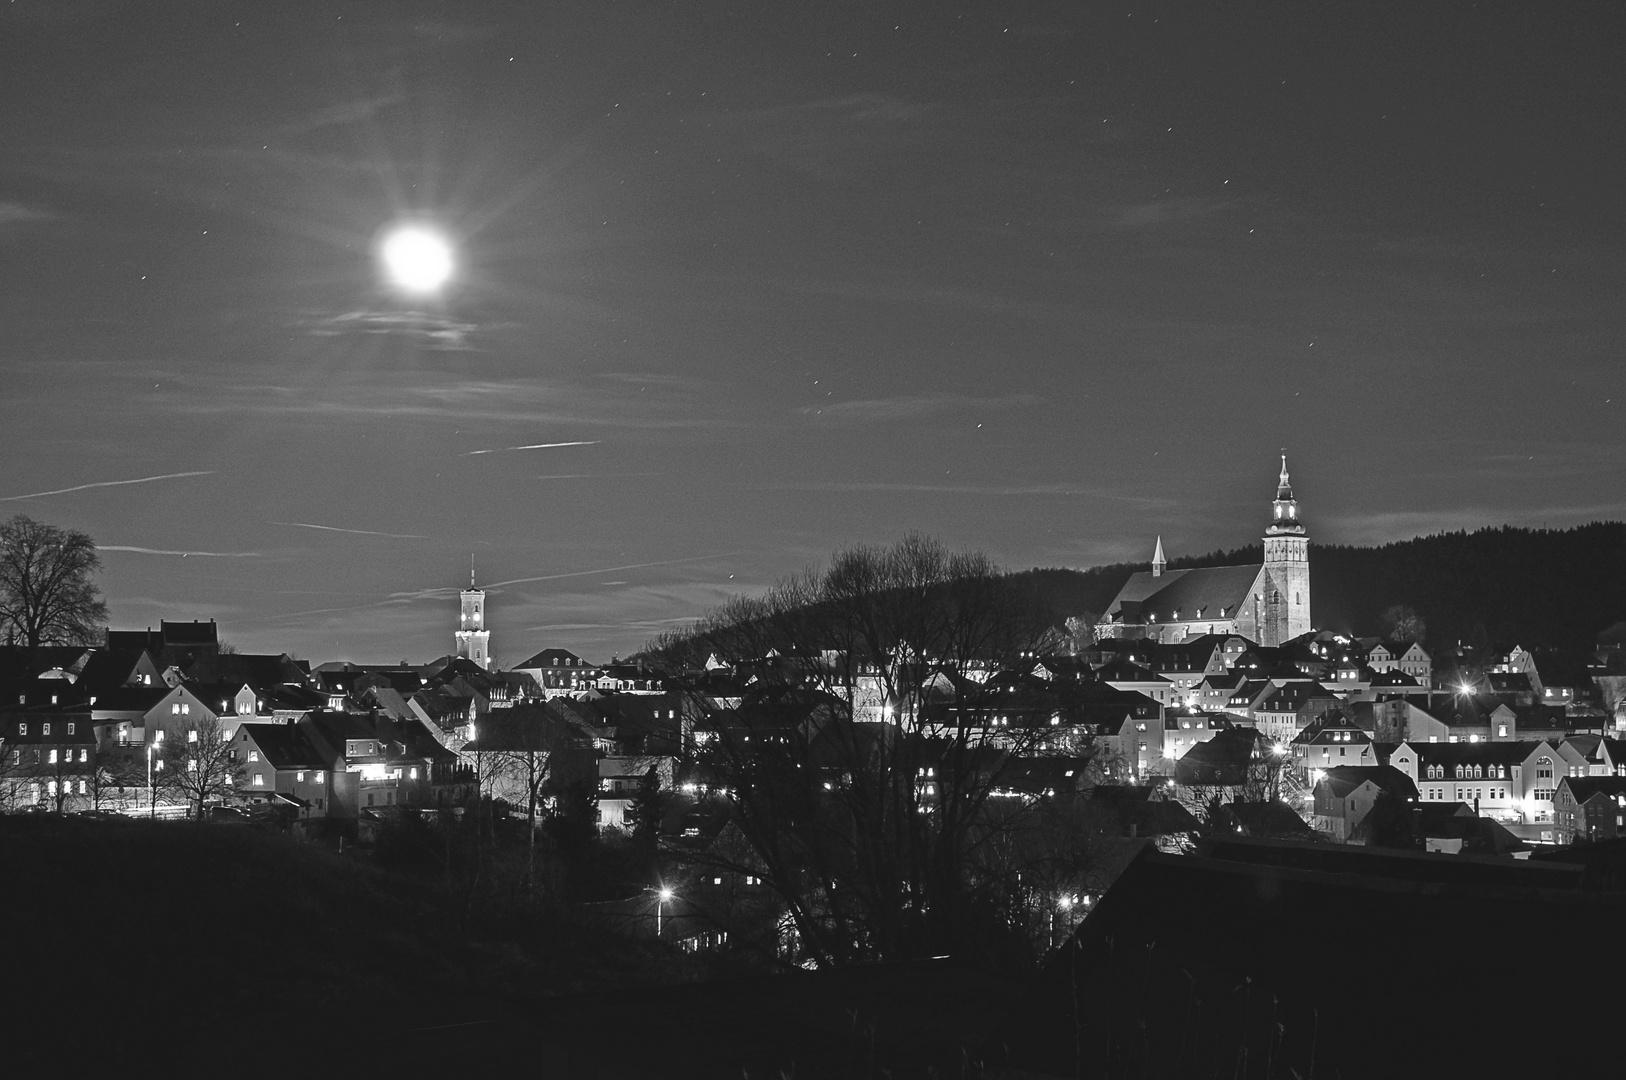 Mondschein über dem nächtlichen Schneeberg in Schwarzweiß